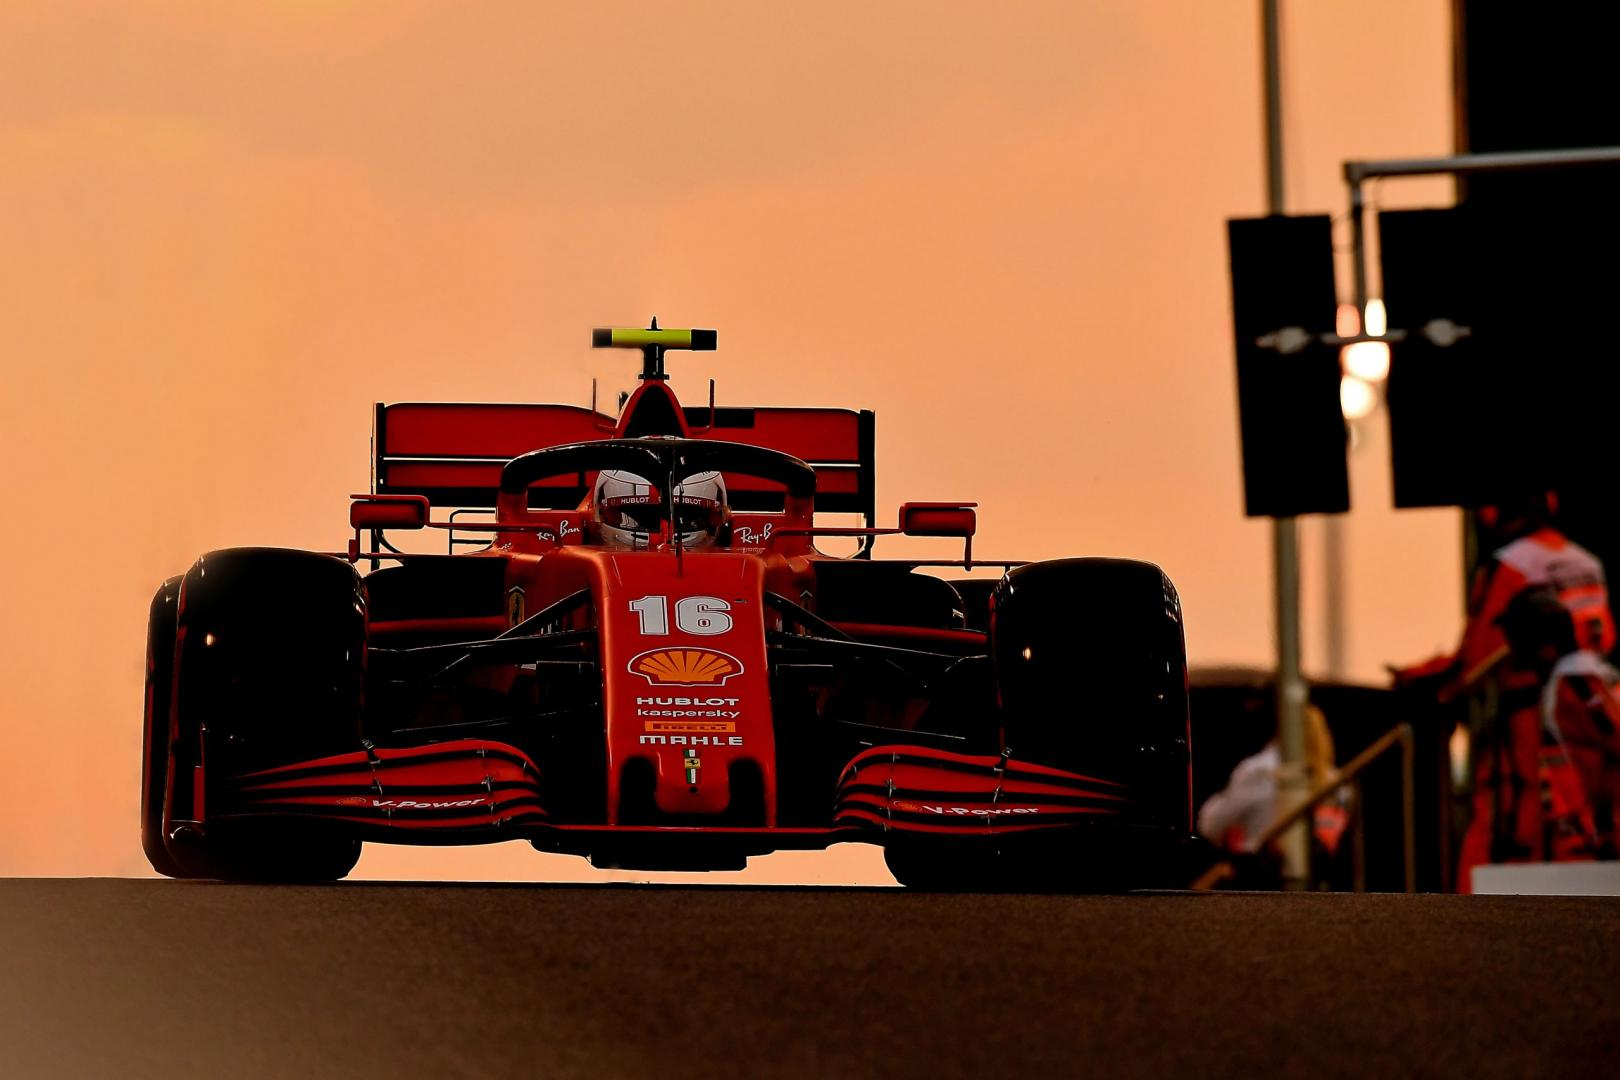 Uitslag van de GP van Abu Dhabi 2020